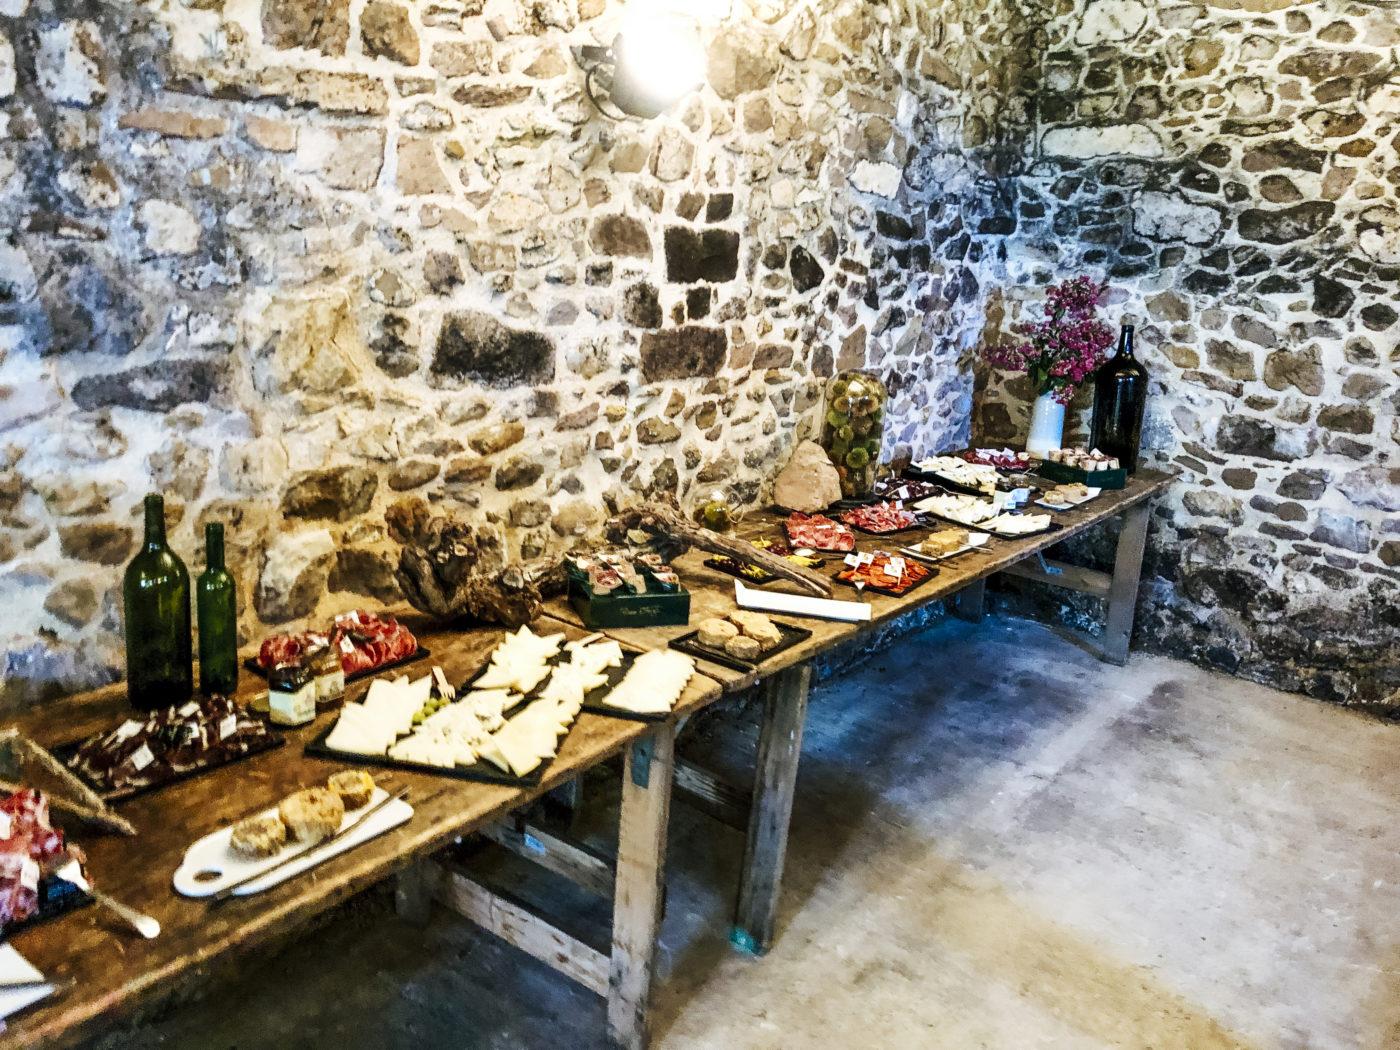 agence evenementielle receptive pays basque erronda seminaire team building incentive event saint jean de luz Irouléguy vin initiation degustation activité plein air vignes escape game tonneaux